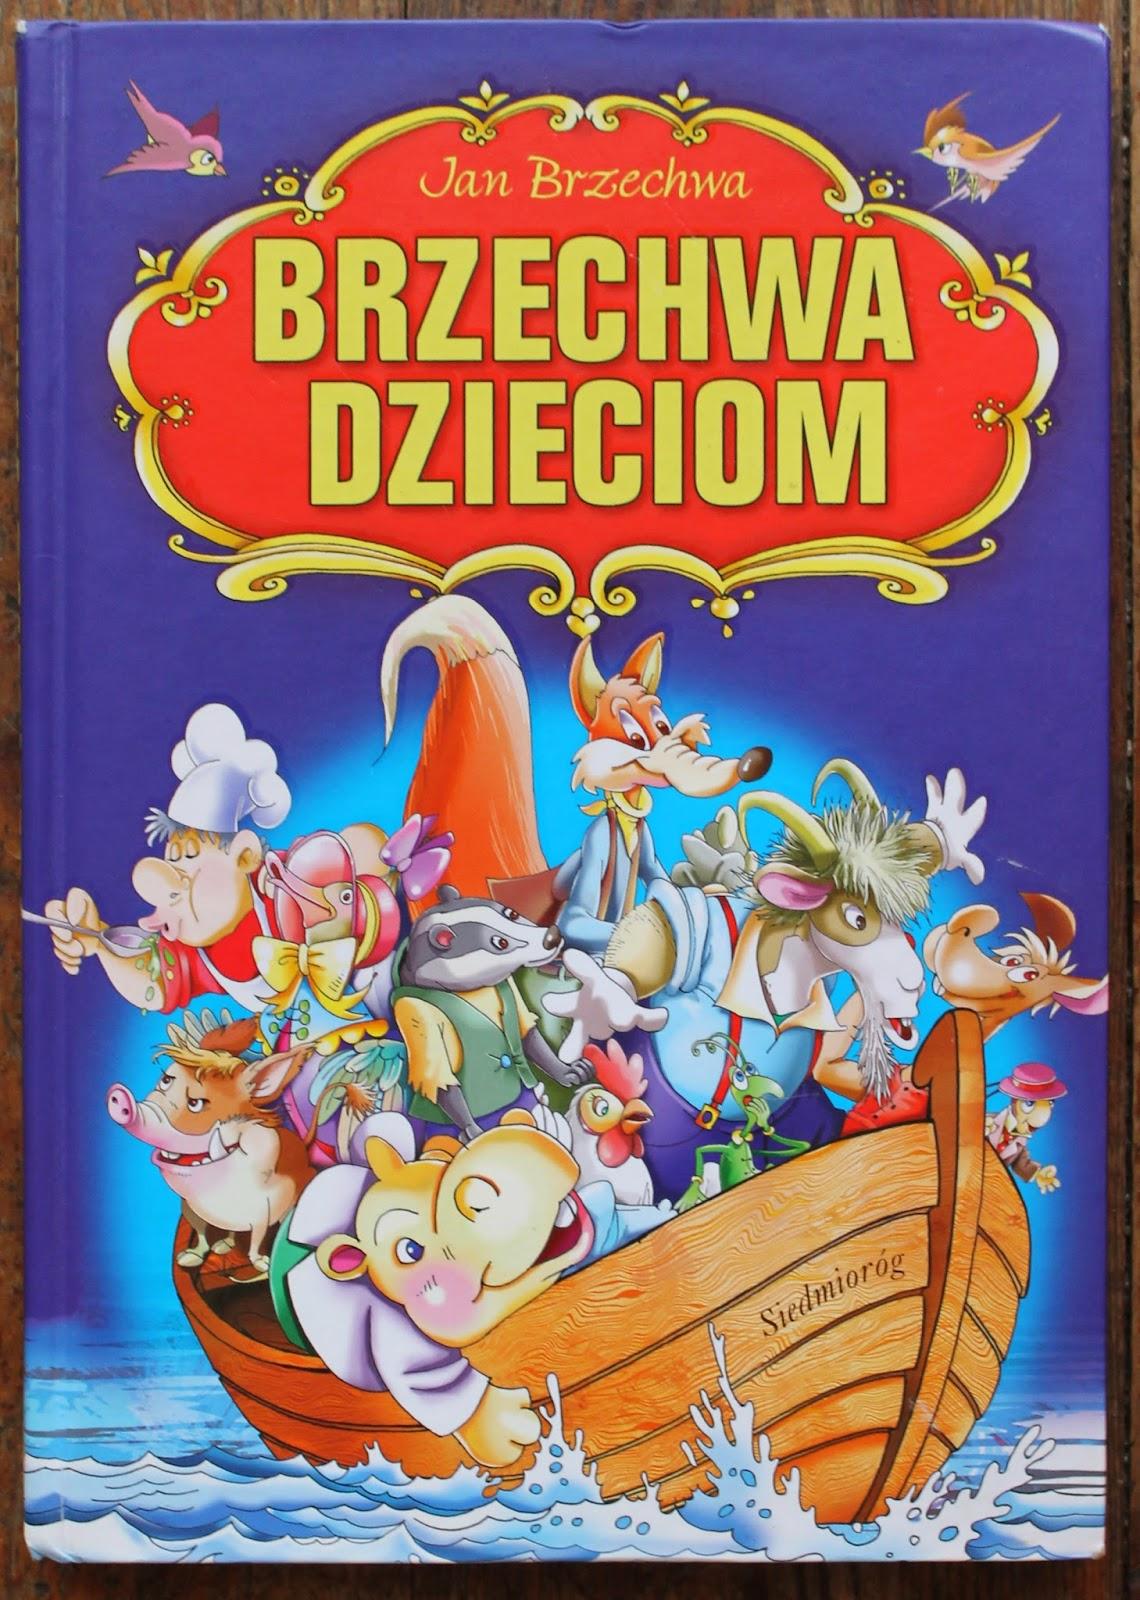 Książką W Dzieci Brzechwa Dzieciom Jan Brzechwa